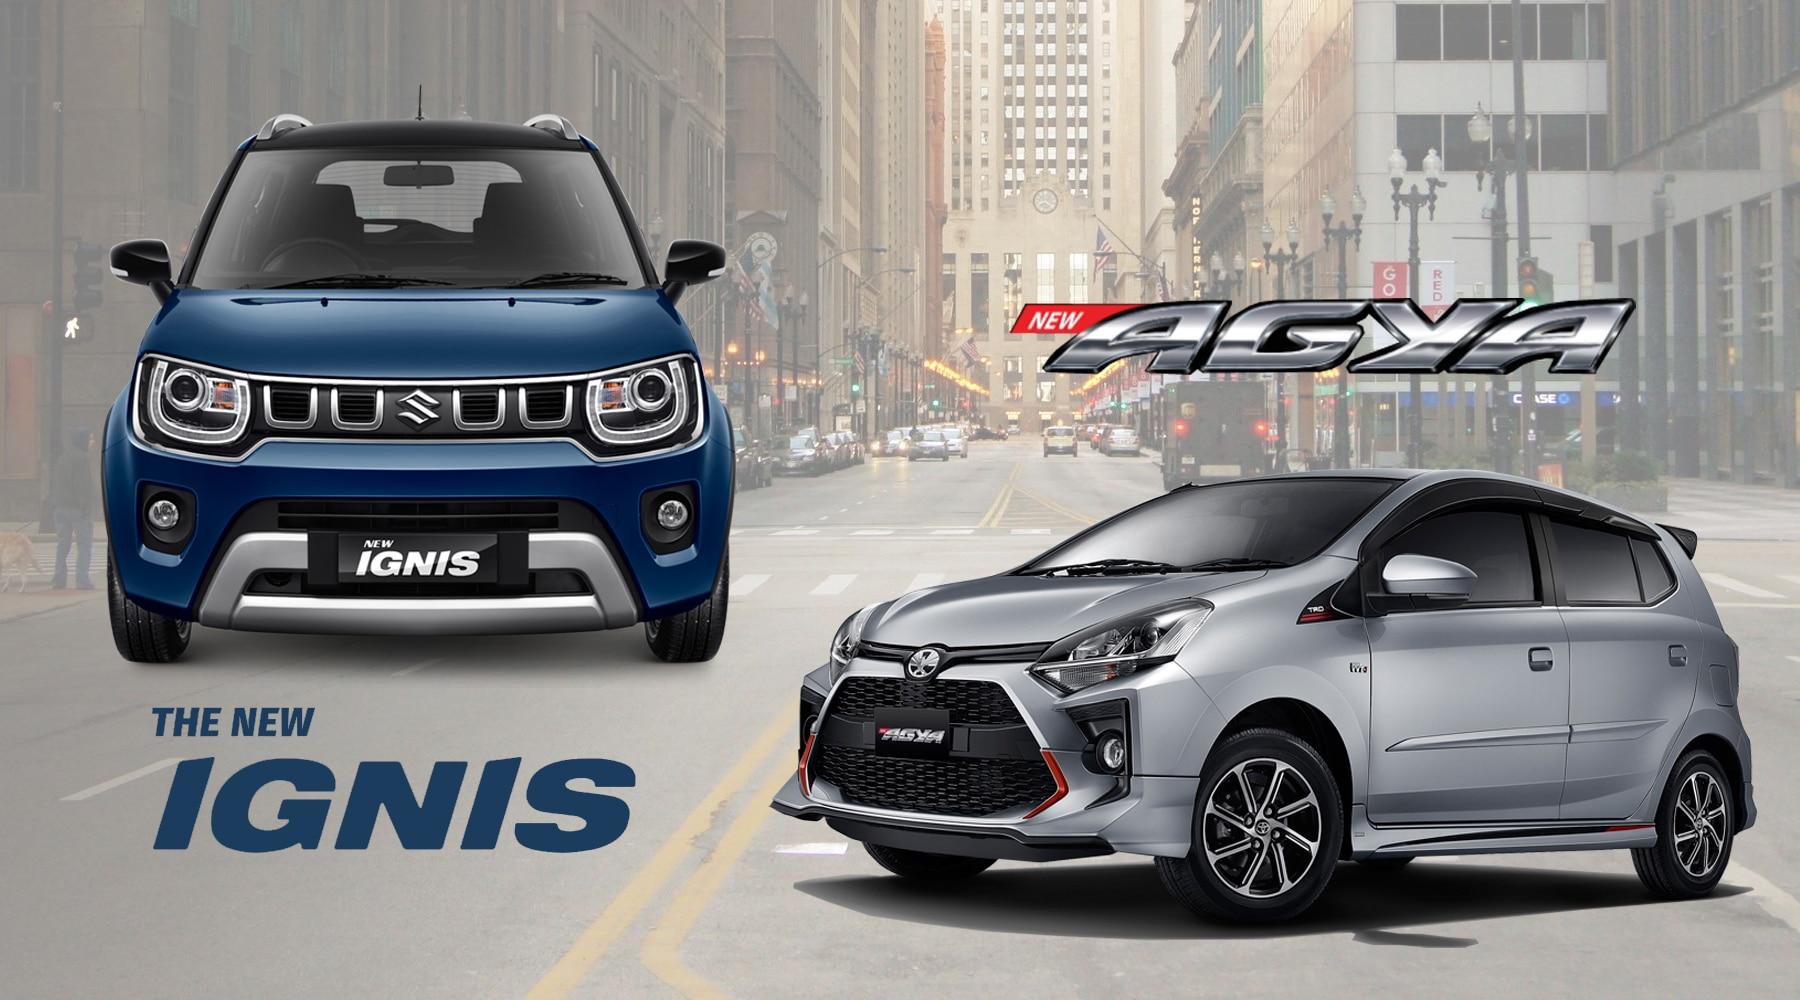 KOMPARASI: Pilih Suzuki Ignis GX Atau Toyota Agya TRD?